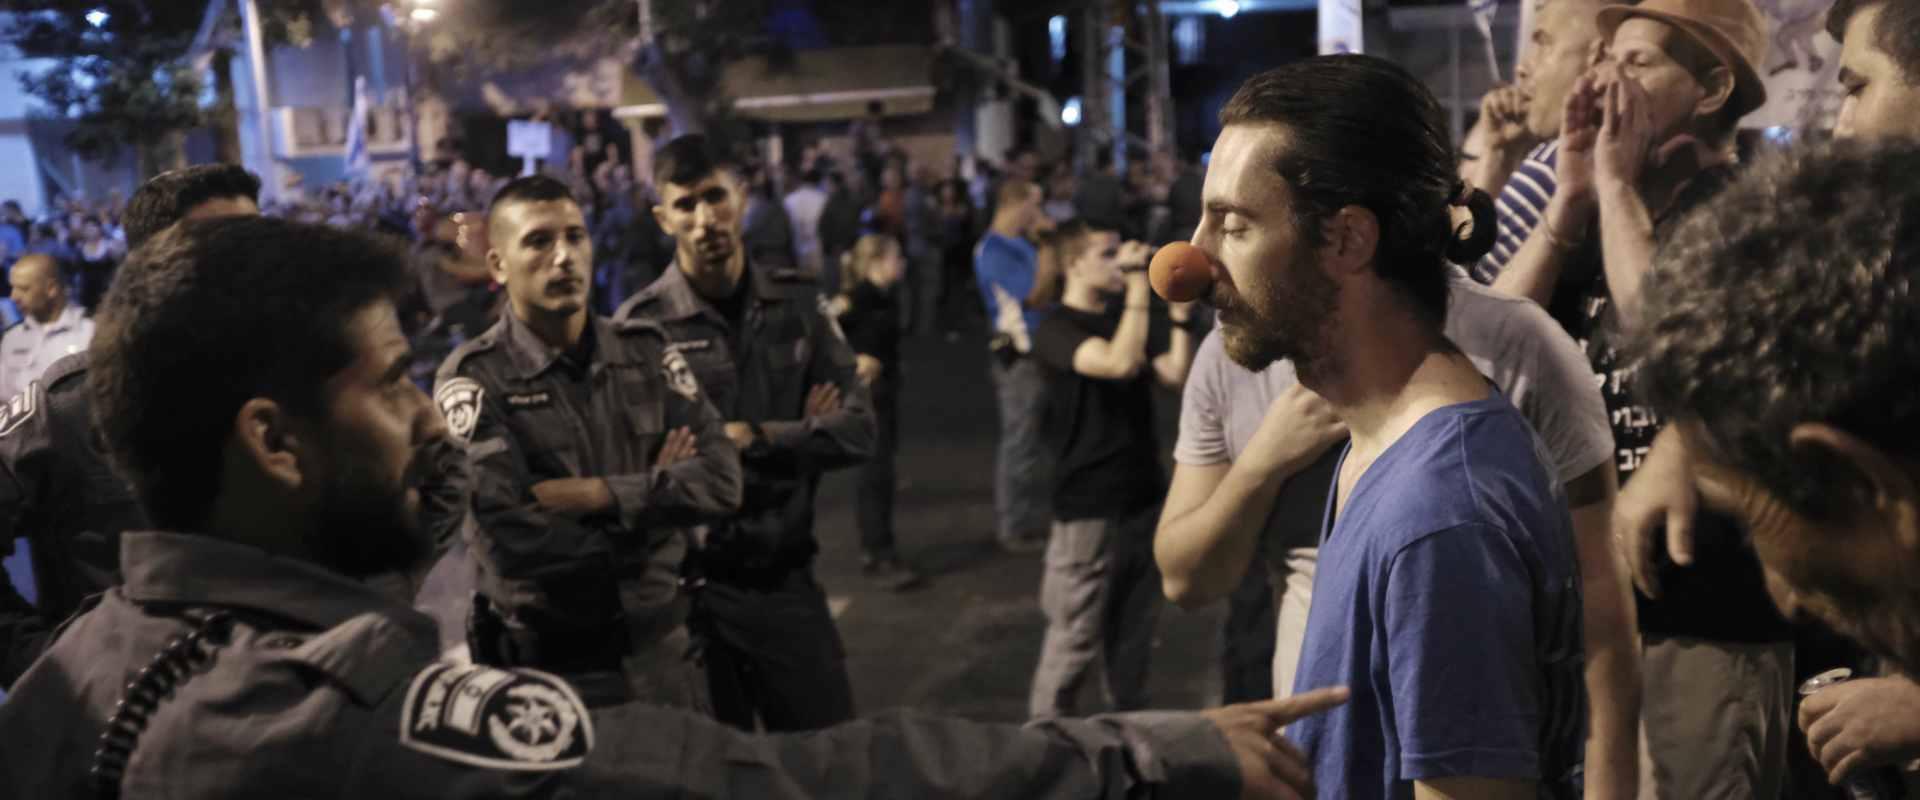 מפגין מול שוטרים בהפגנה בפתח תקווה